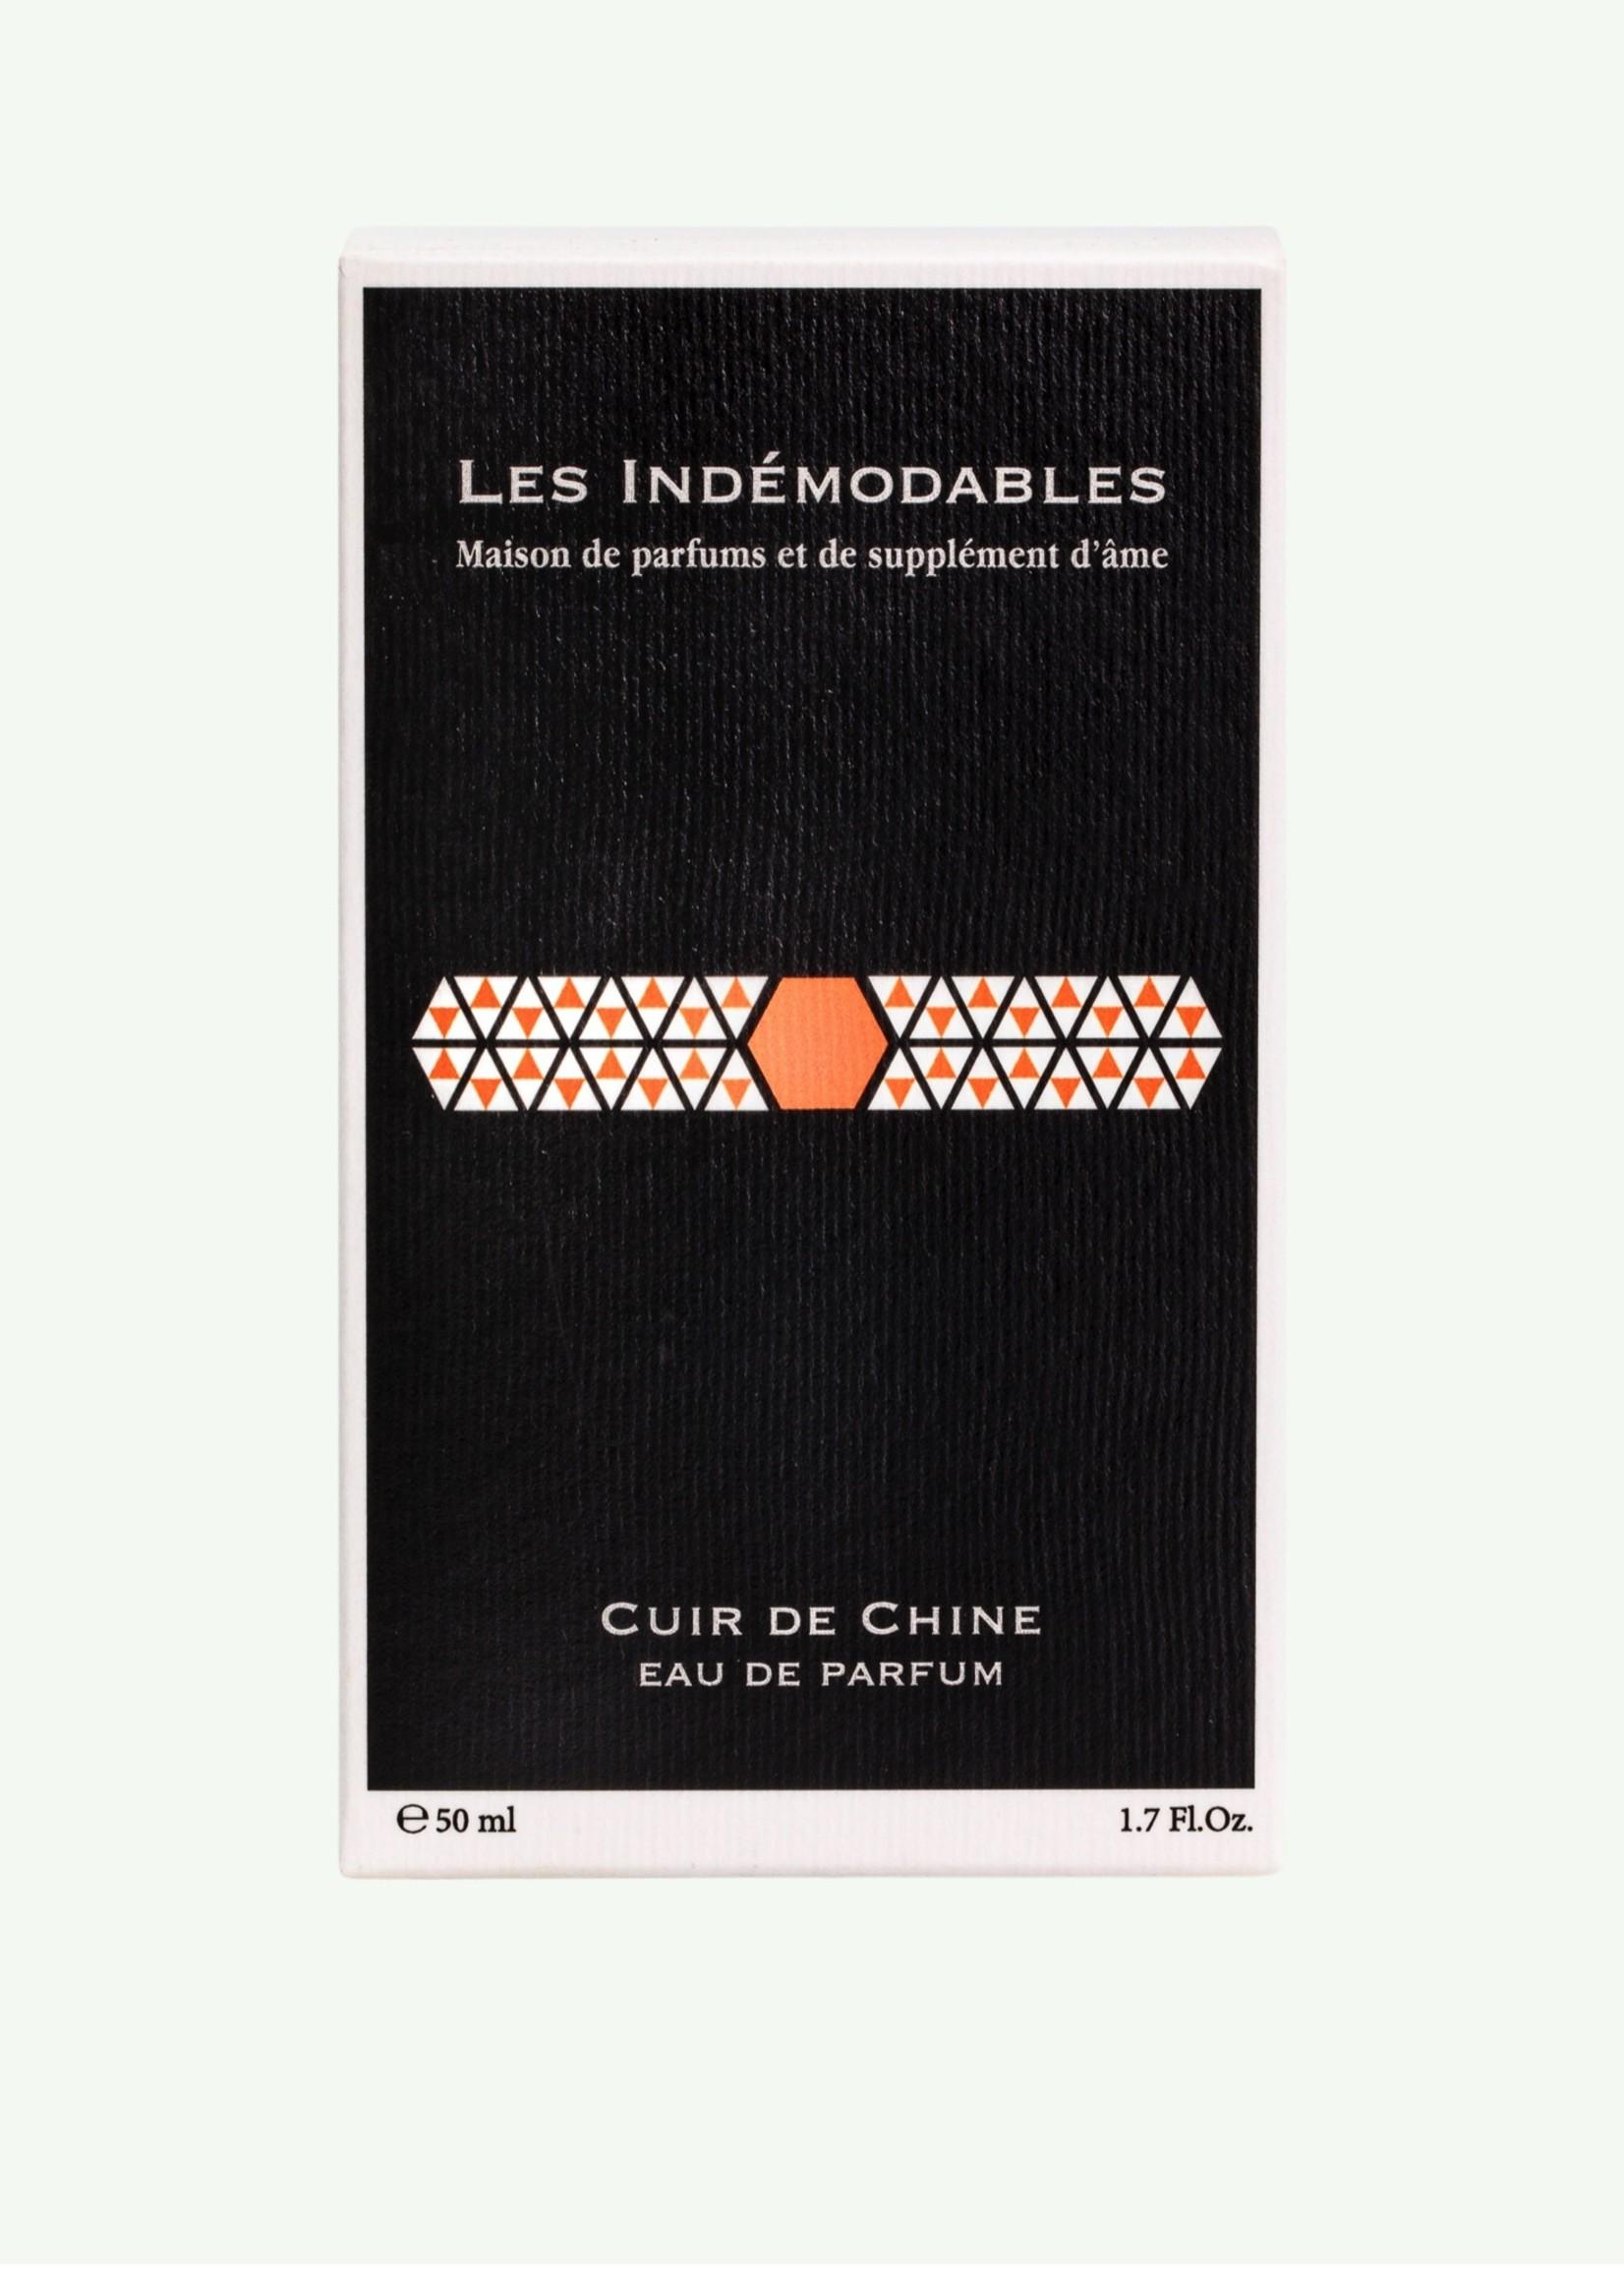 Les Indémodables Les Indémodables - Cuir de Chine - Eau de Parfum